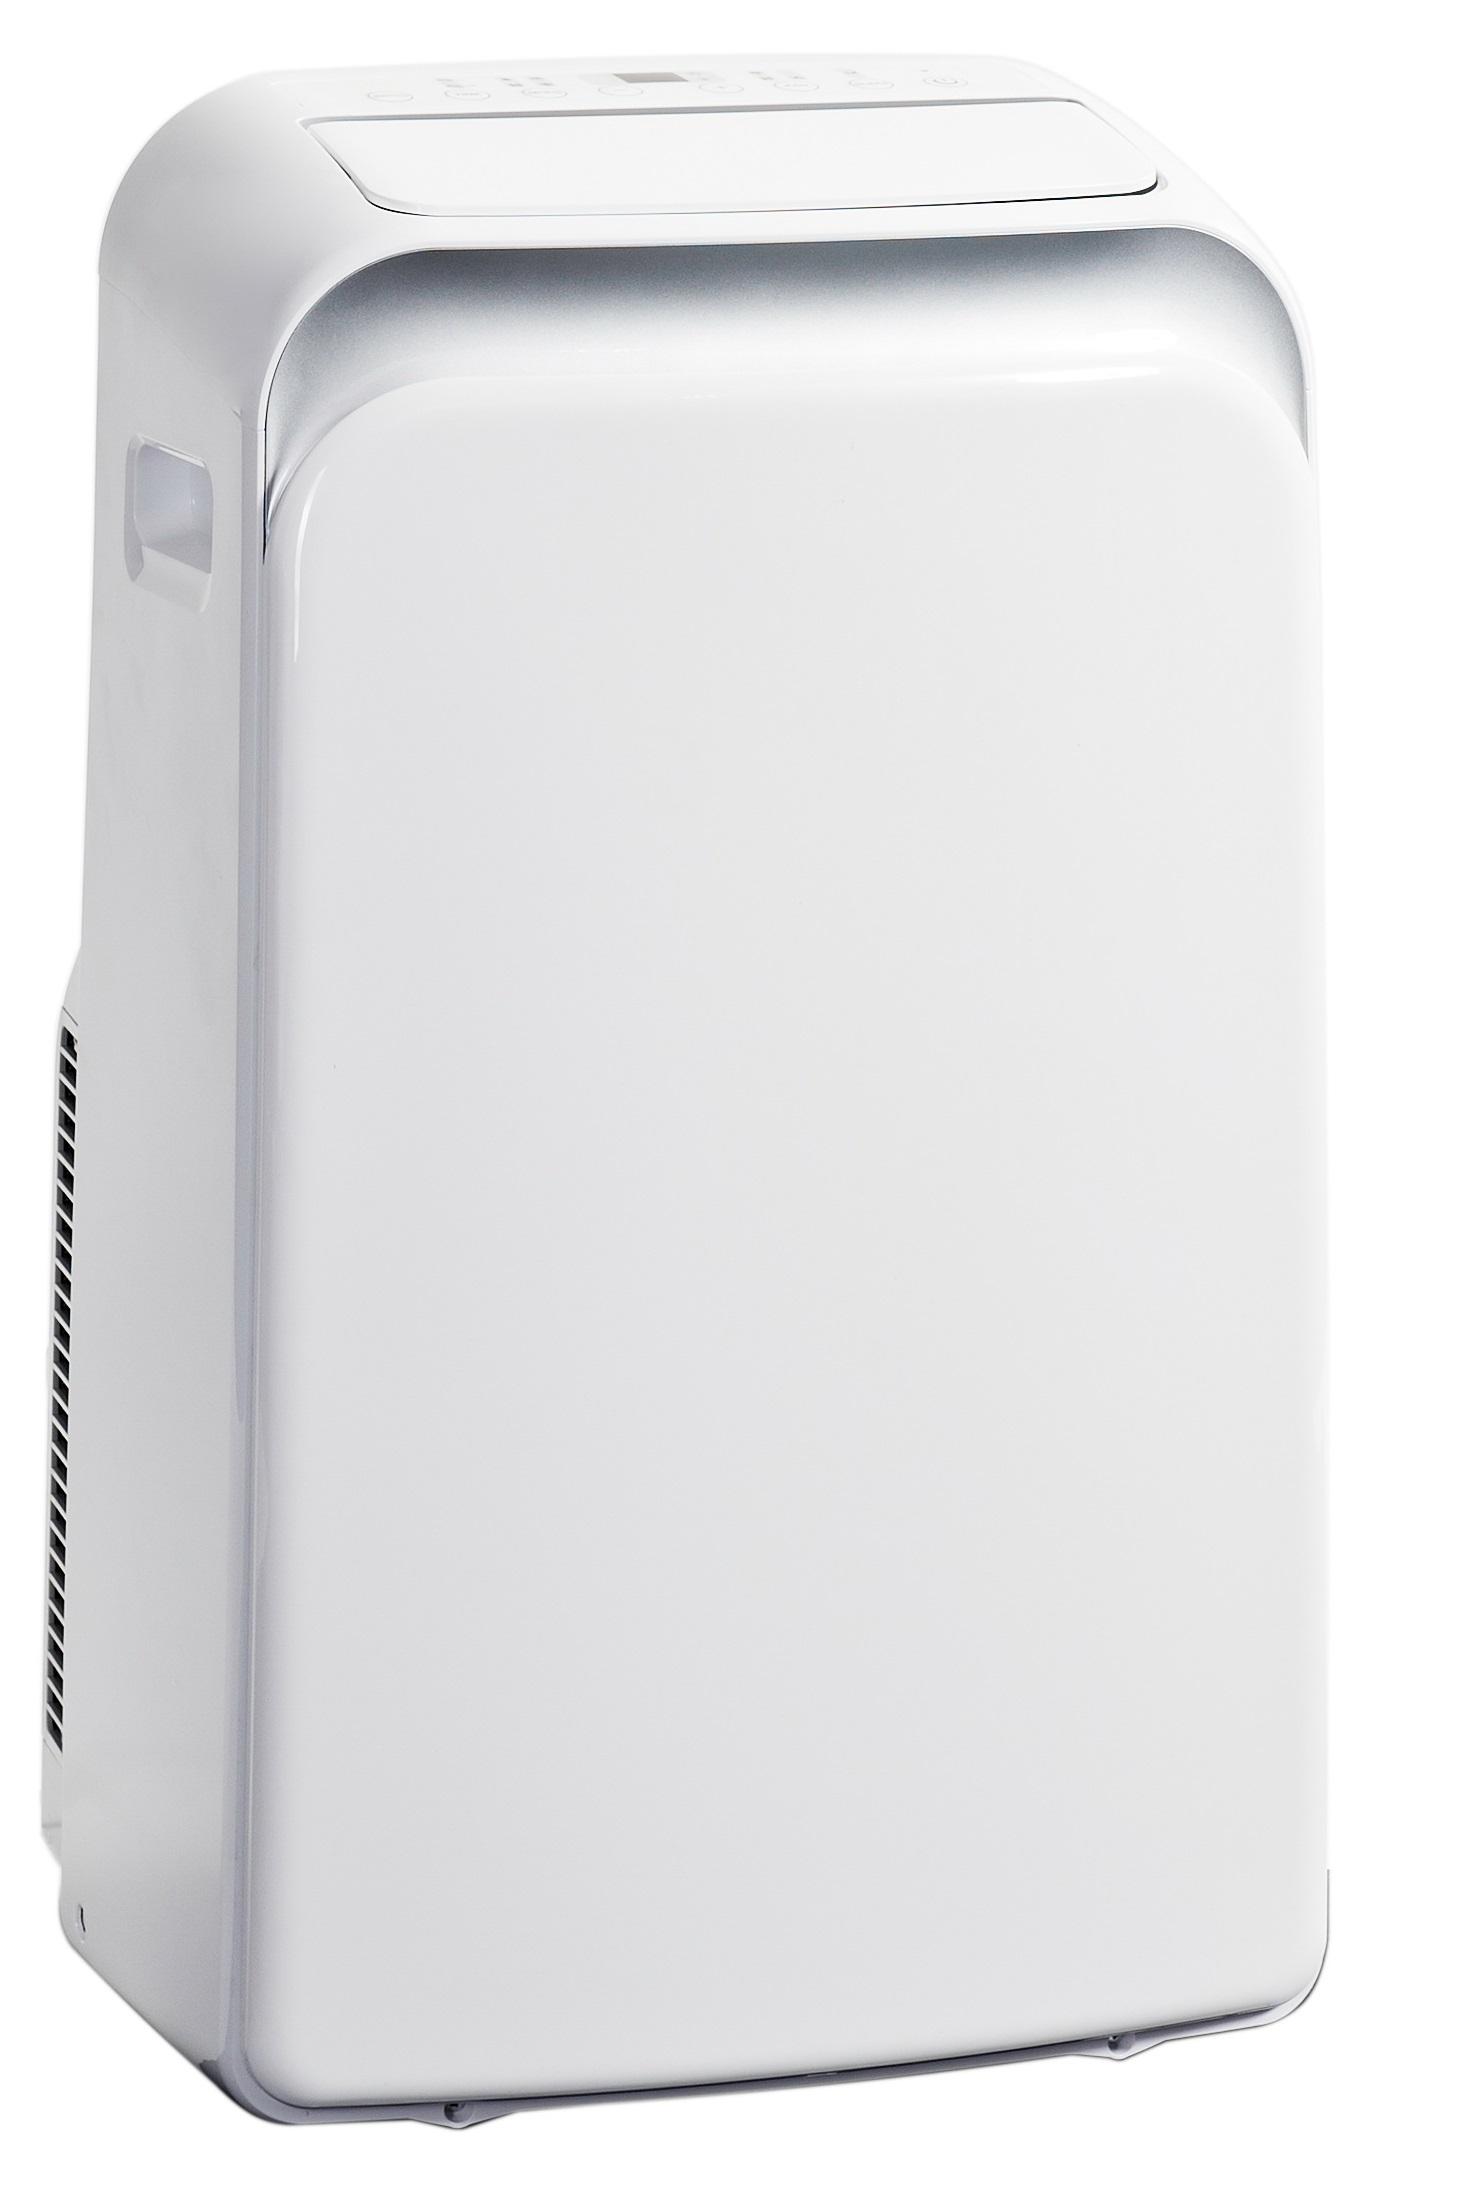 Mobilní klimatizace Midea/Comfee MPD1-09CRN1 - 3 roky záruka + ZDARMA SERVIS bez starostí